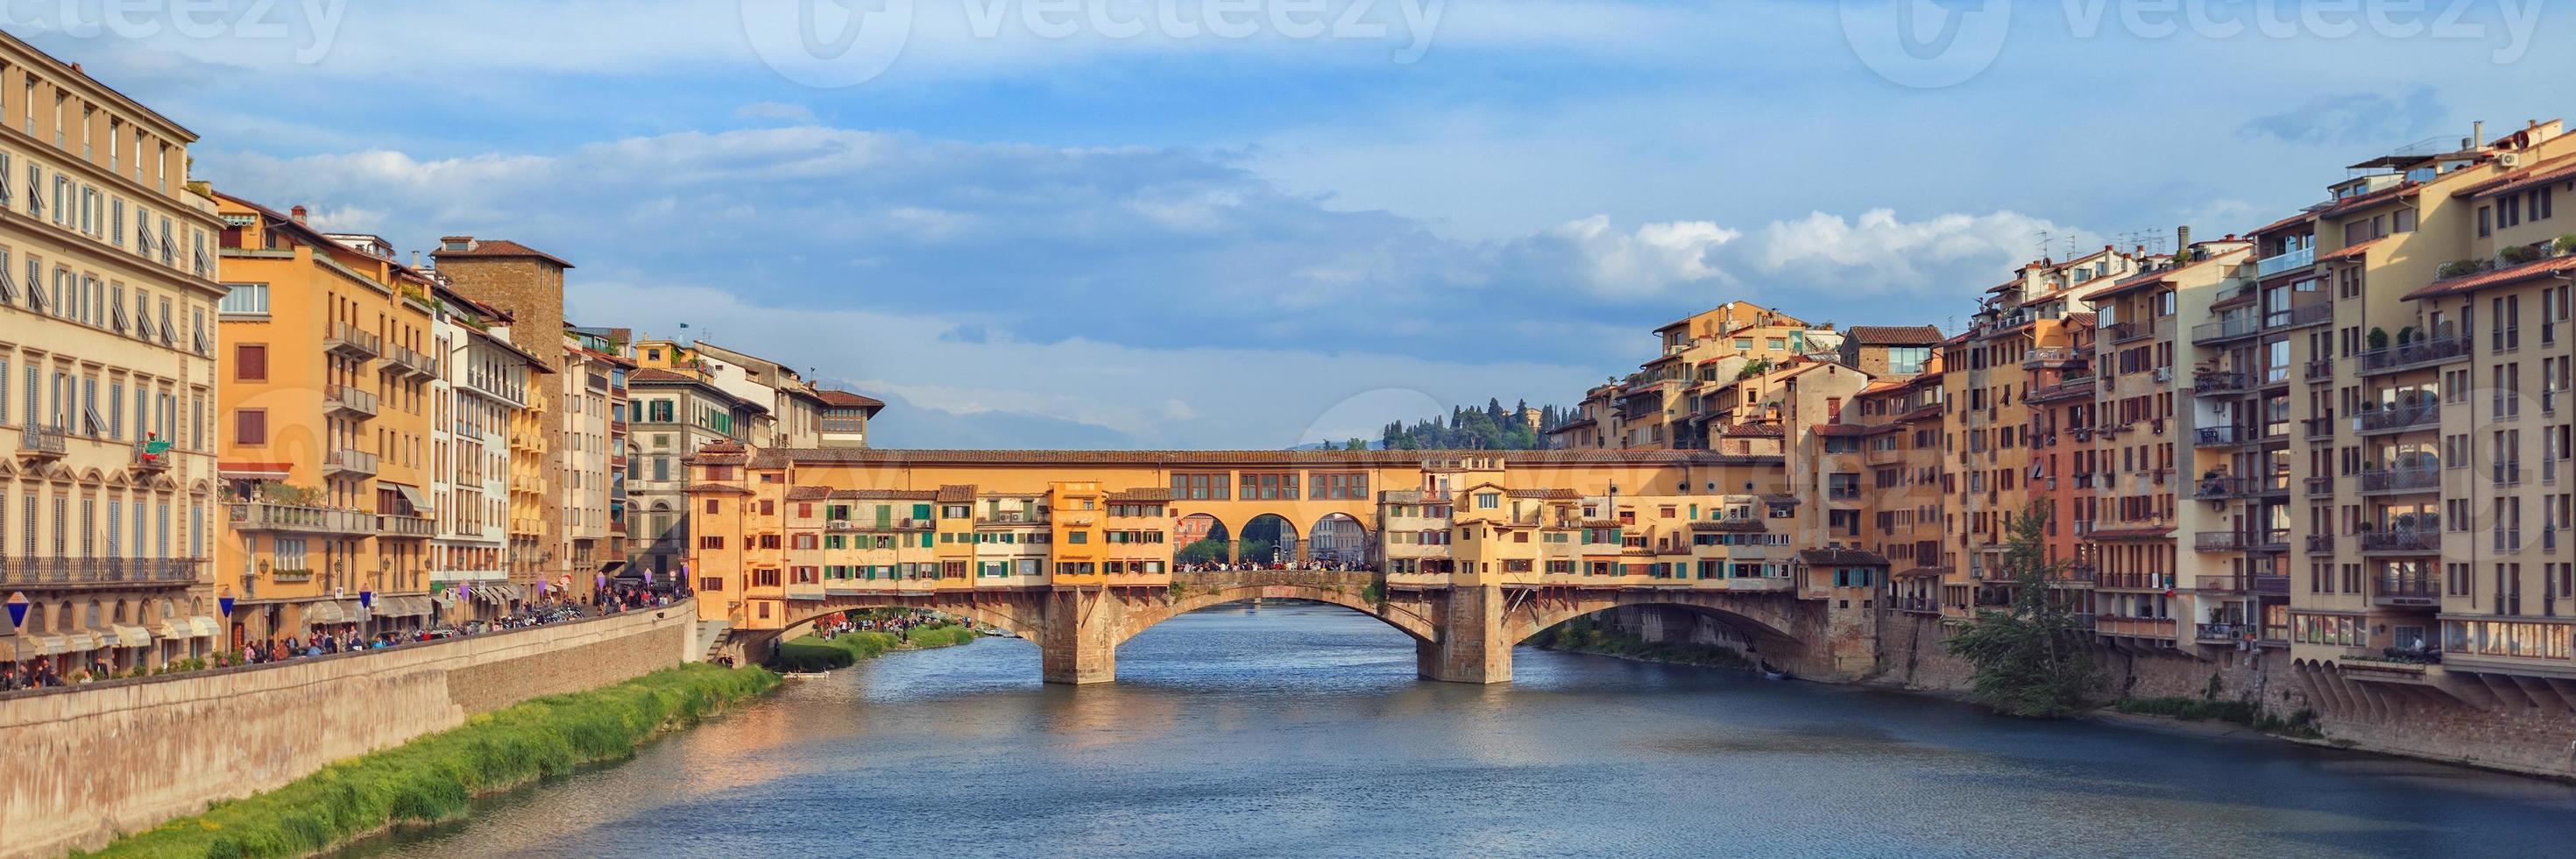 famoso ponte vecchio, firenze, italia foto